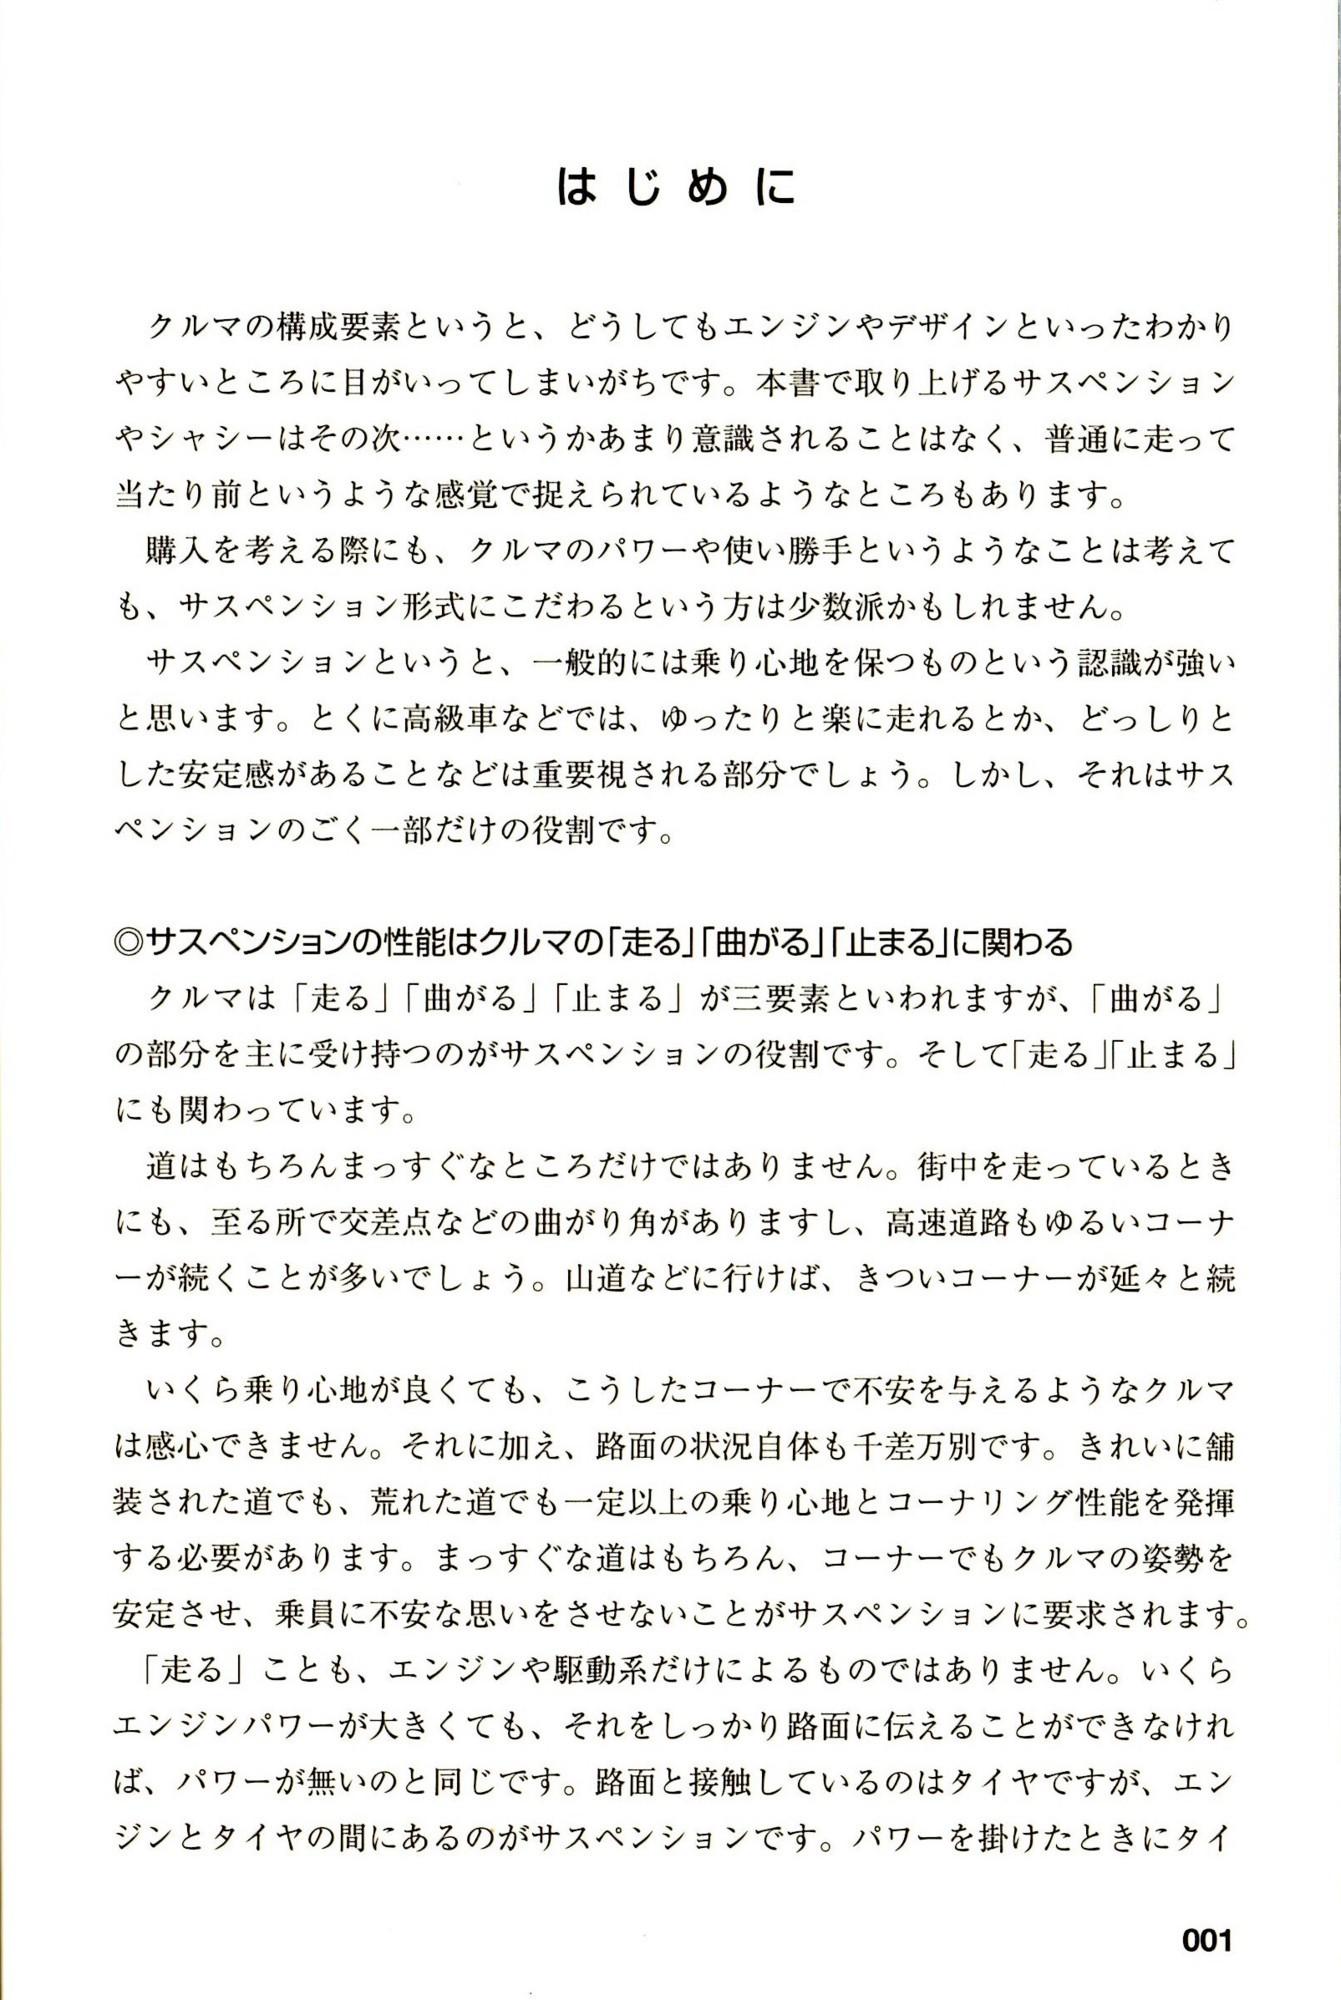 f:id:yoiijima:20180502094958j:plain